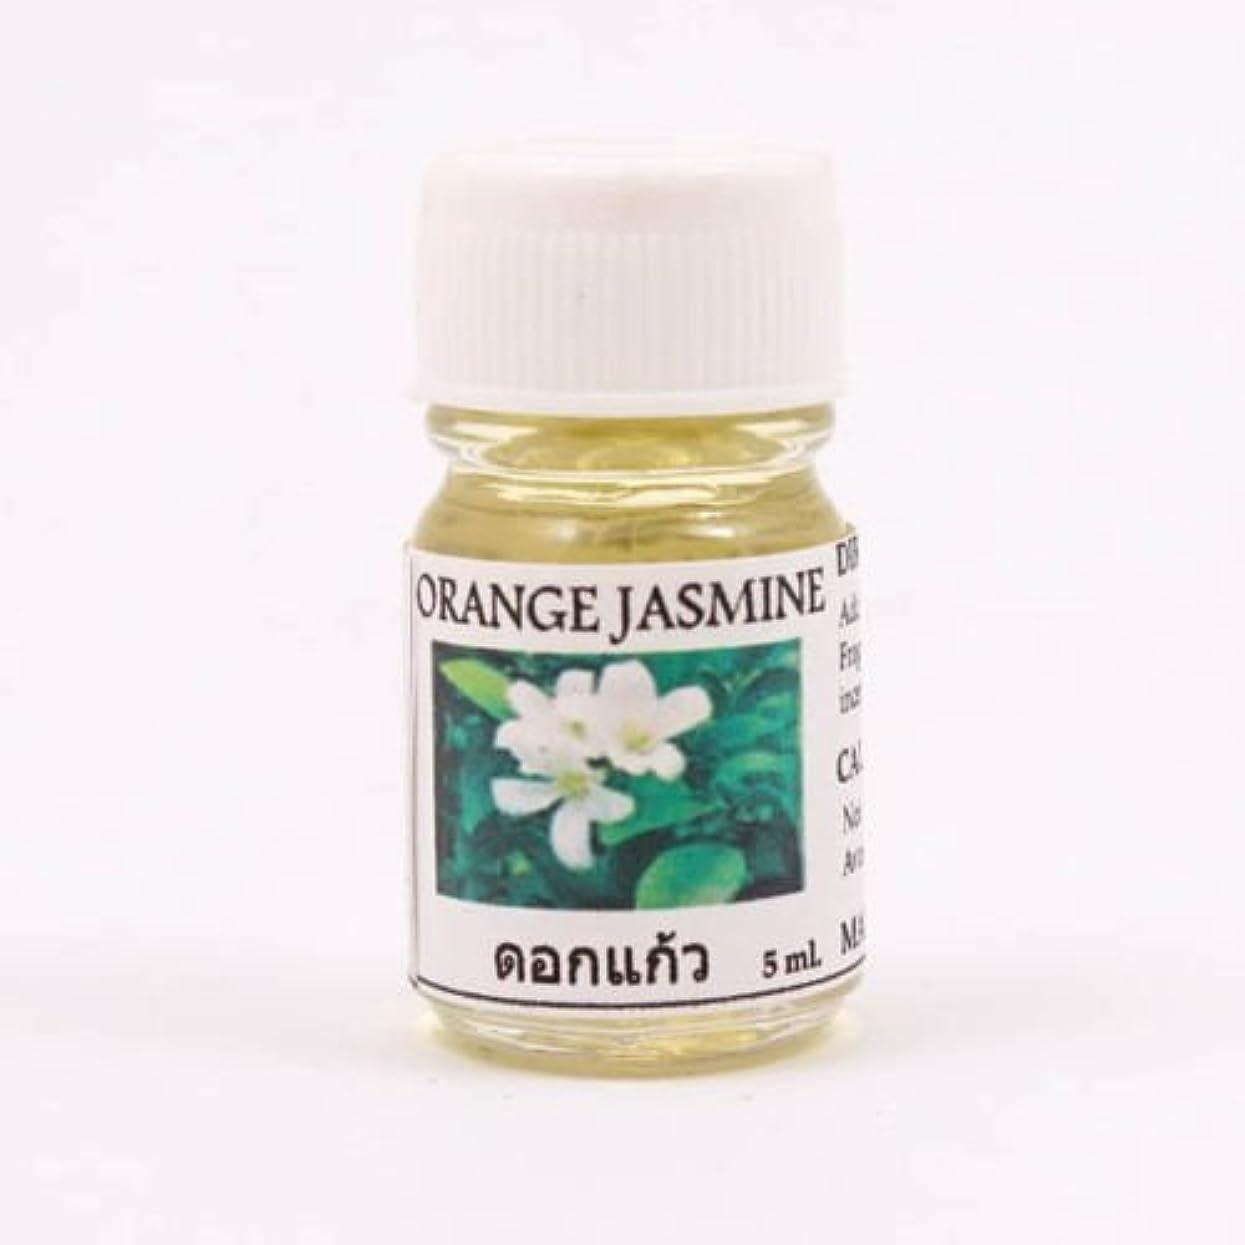 ピットフィールド強要6X Orange Jasmine Aroma Fragrance Essential Oil 5ML. (cc) Diffuser Burner